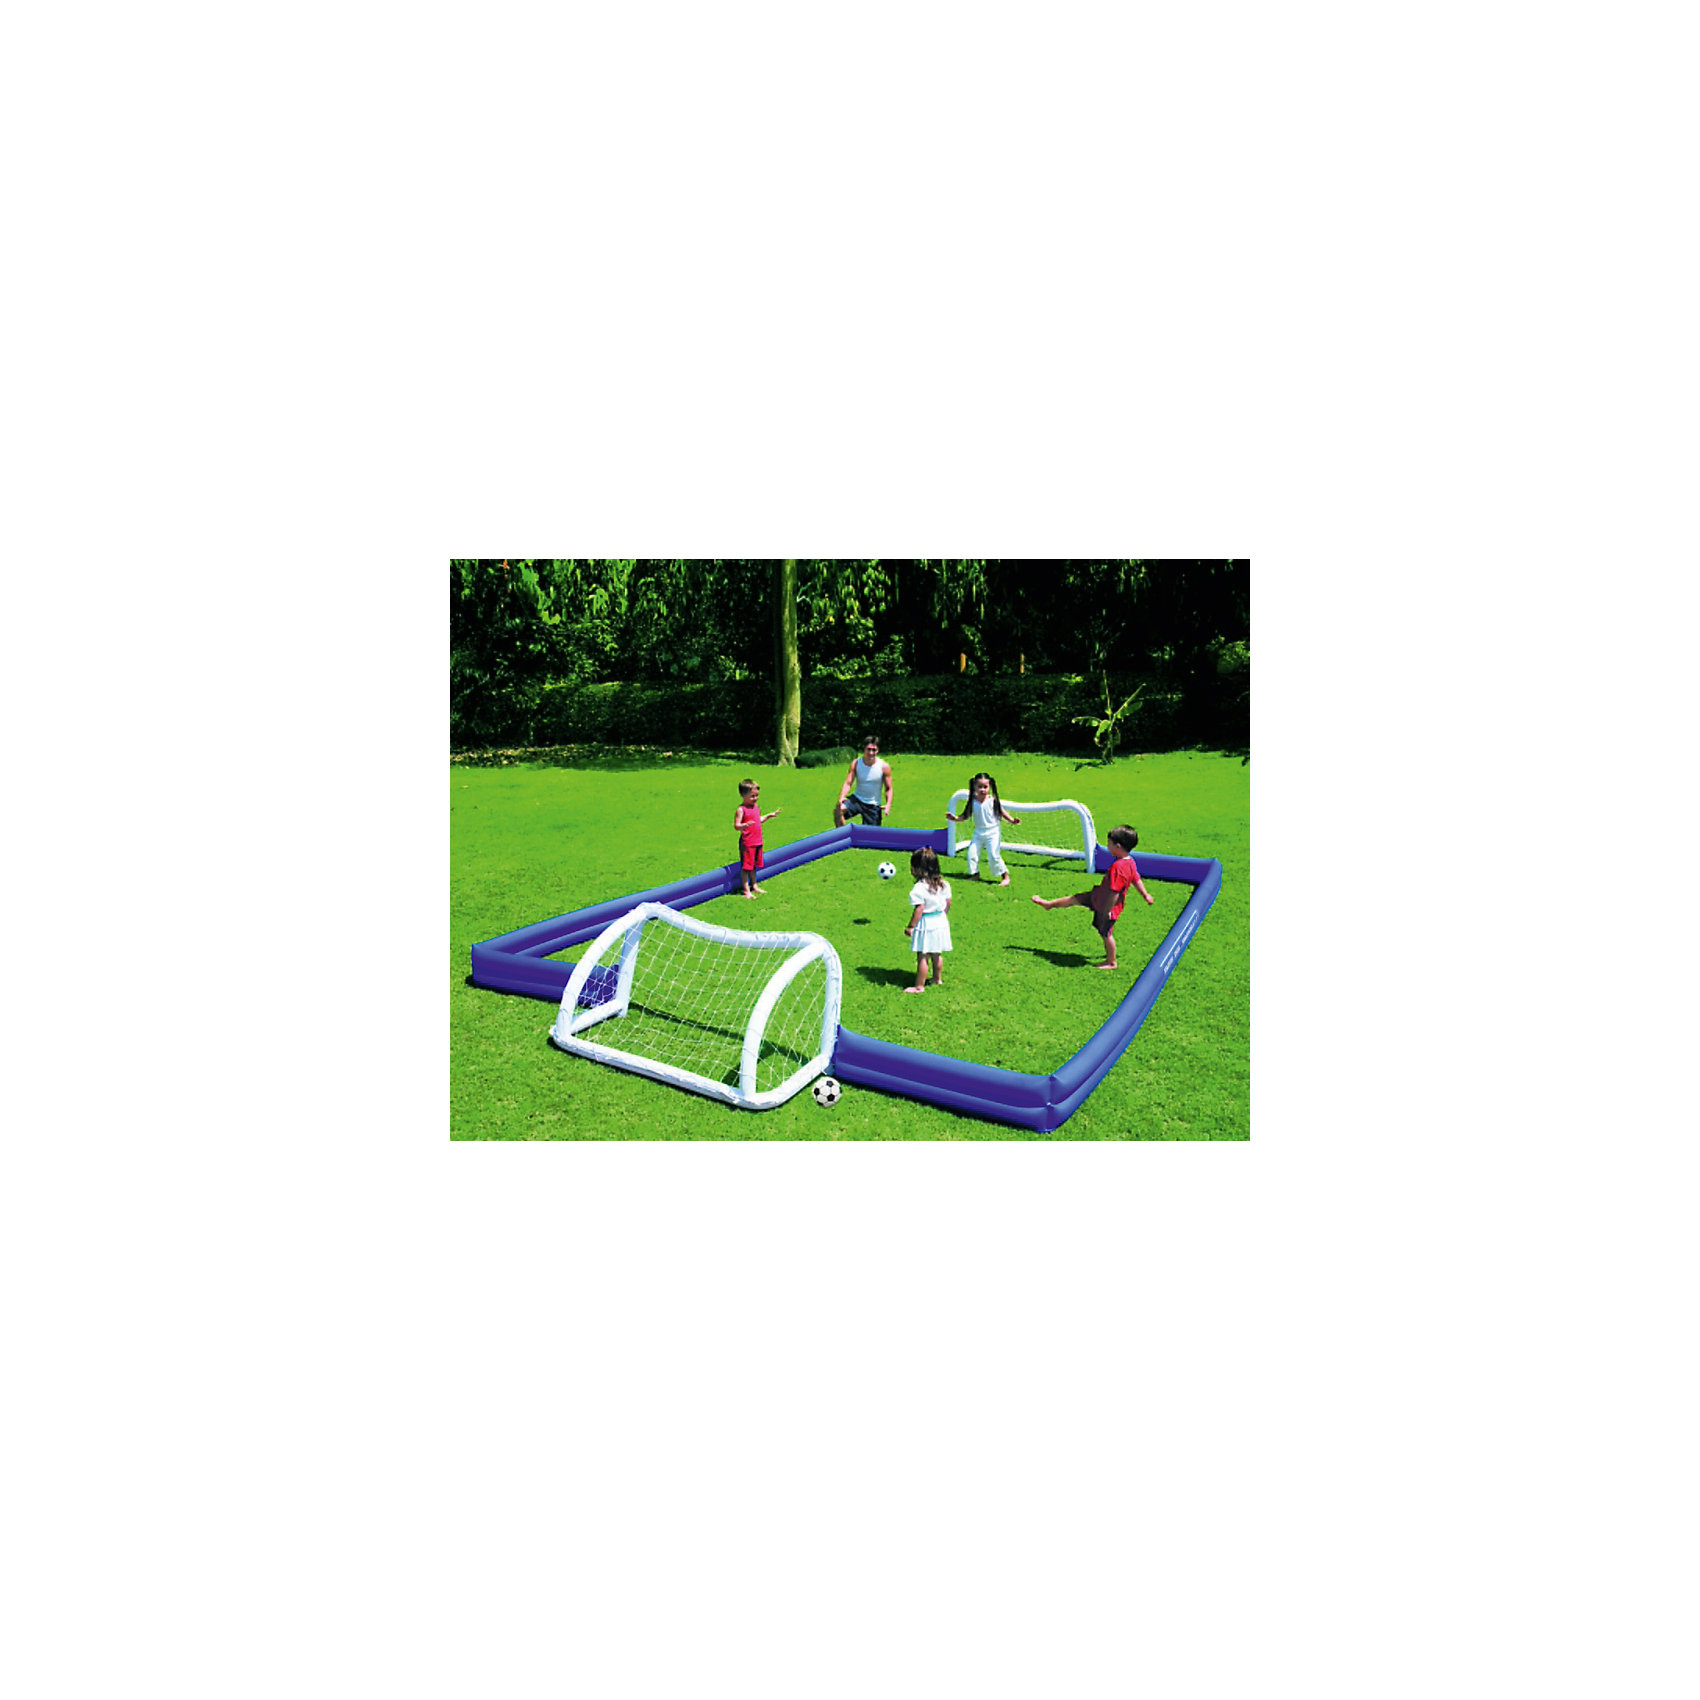 Набор для игры в футбол (поле+ворота+мячи), BestwayИгровые наборы<br>Набор для игры в футбол, Bestway, поможет разнообразить летний отдых и весело провести время на даче или на природе. В комплект входят надувные поле, ворота и мячи. Веселая подвижная игра надолго увлечет не только детей но и взрослых членов семьи. Всю конструкцию можно поместить на сушу или разместить в большом бассейне или открытом водоёме. Предметы наборы выполнены из прочного, высококачественного материала, легко надуваются при помощи ручного насоса. Занятия с мячом улучшают координацию движений, тренируют вестибулярный аппарат, укрепляют мышцы ног, рук и спины.<br><br>Дополнительная информация:<br><br>- В комплекте: надувное поле с 2 воротами, 2 мяча, колышки для фиксации, заплатка для ремонта, инструкция.<br>- Материал: полимер.<br>- Диаметр мяча: 36 см.<br>- Размеры изделия в собранном виде: 620 х 399 х 61 см.<br>- Размер упаковки: 42 х 28 х 42 см.<br>- Вес: 5,5 кг.<br><br>Набор для игры в футбол (поле+ворота+мячи), Bestway, можно купить в нашем интернет-магазине.<br><br>Ширина мм: 420<br>Глубина мм: 280<br>Высота мм: 420<br>Вес г: 5500<br>Возраст от месяцев: 36<br>Возраст до месяцев: 1188<br>Пол: Унисекс<br>Возраст: Детский<br>SKU: 4622243